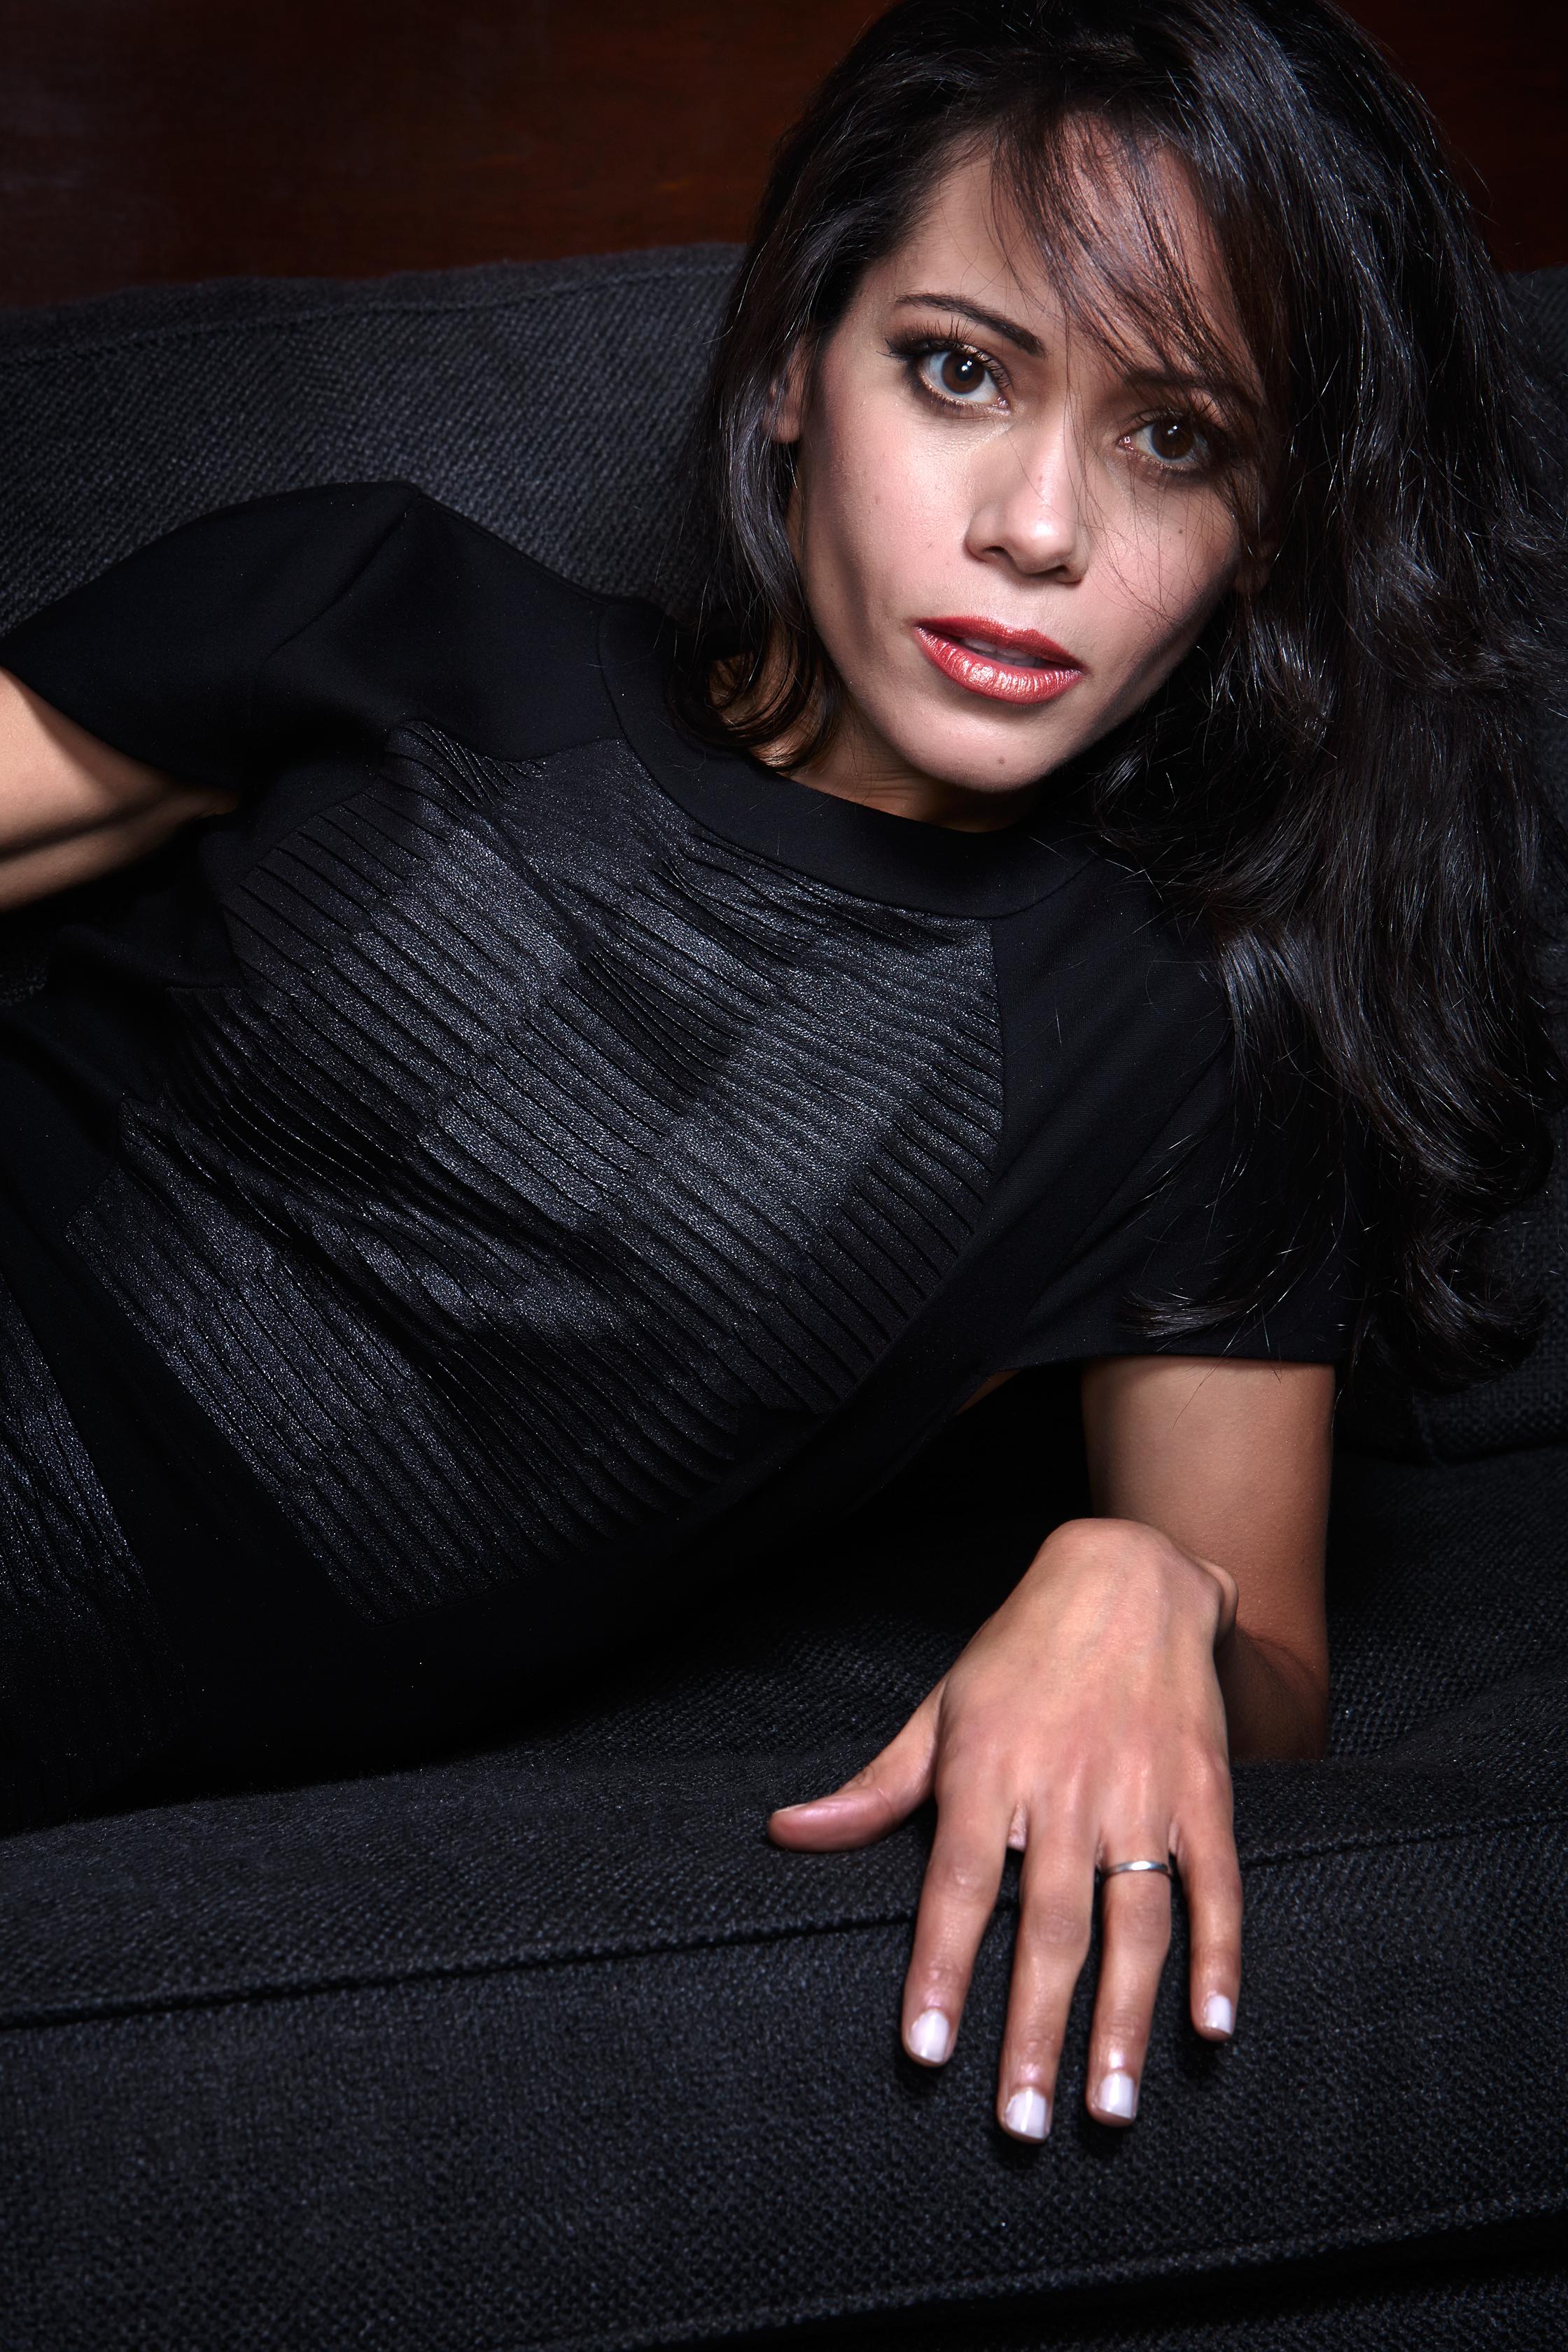 Victoria Cartagena